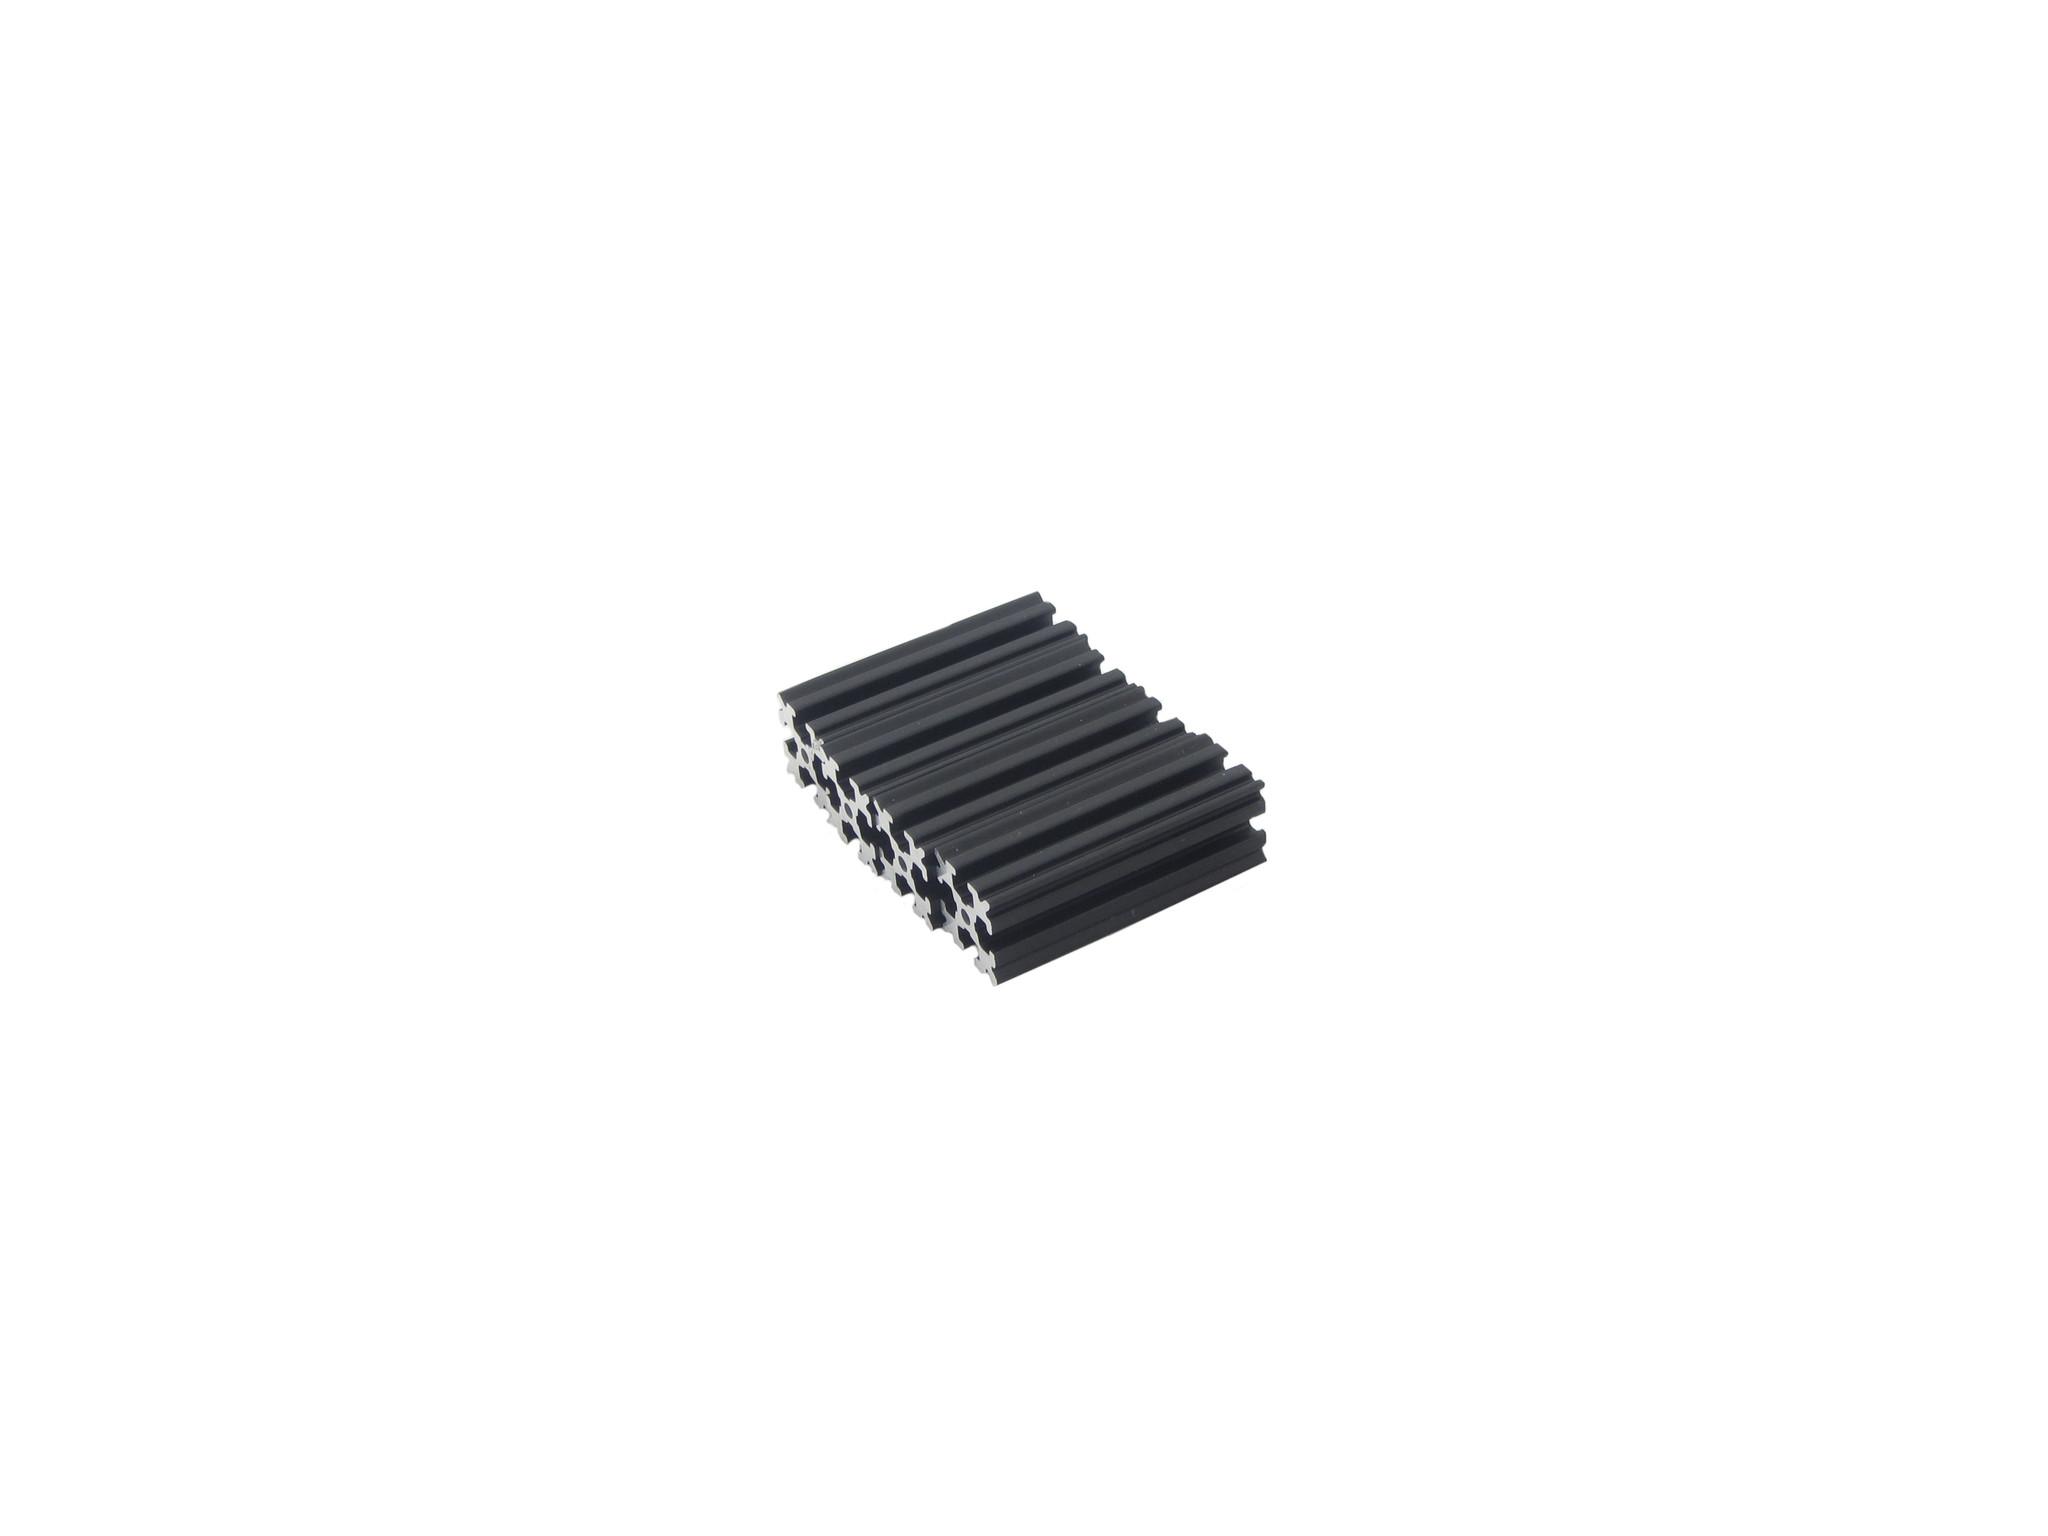 OpenBeam - 15x15mm aluminum profile 4 pieces of 45mm black anodised OpenBeam